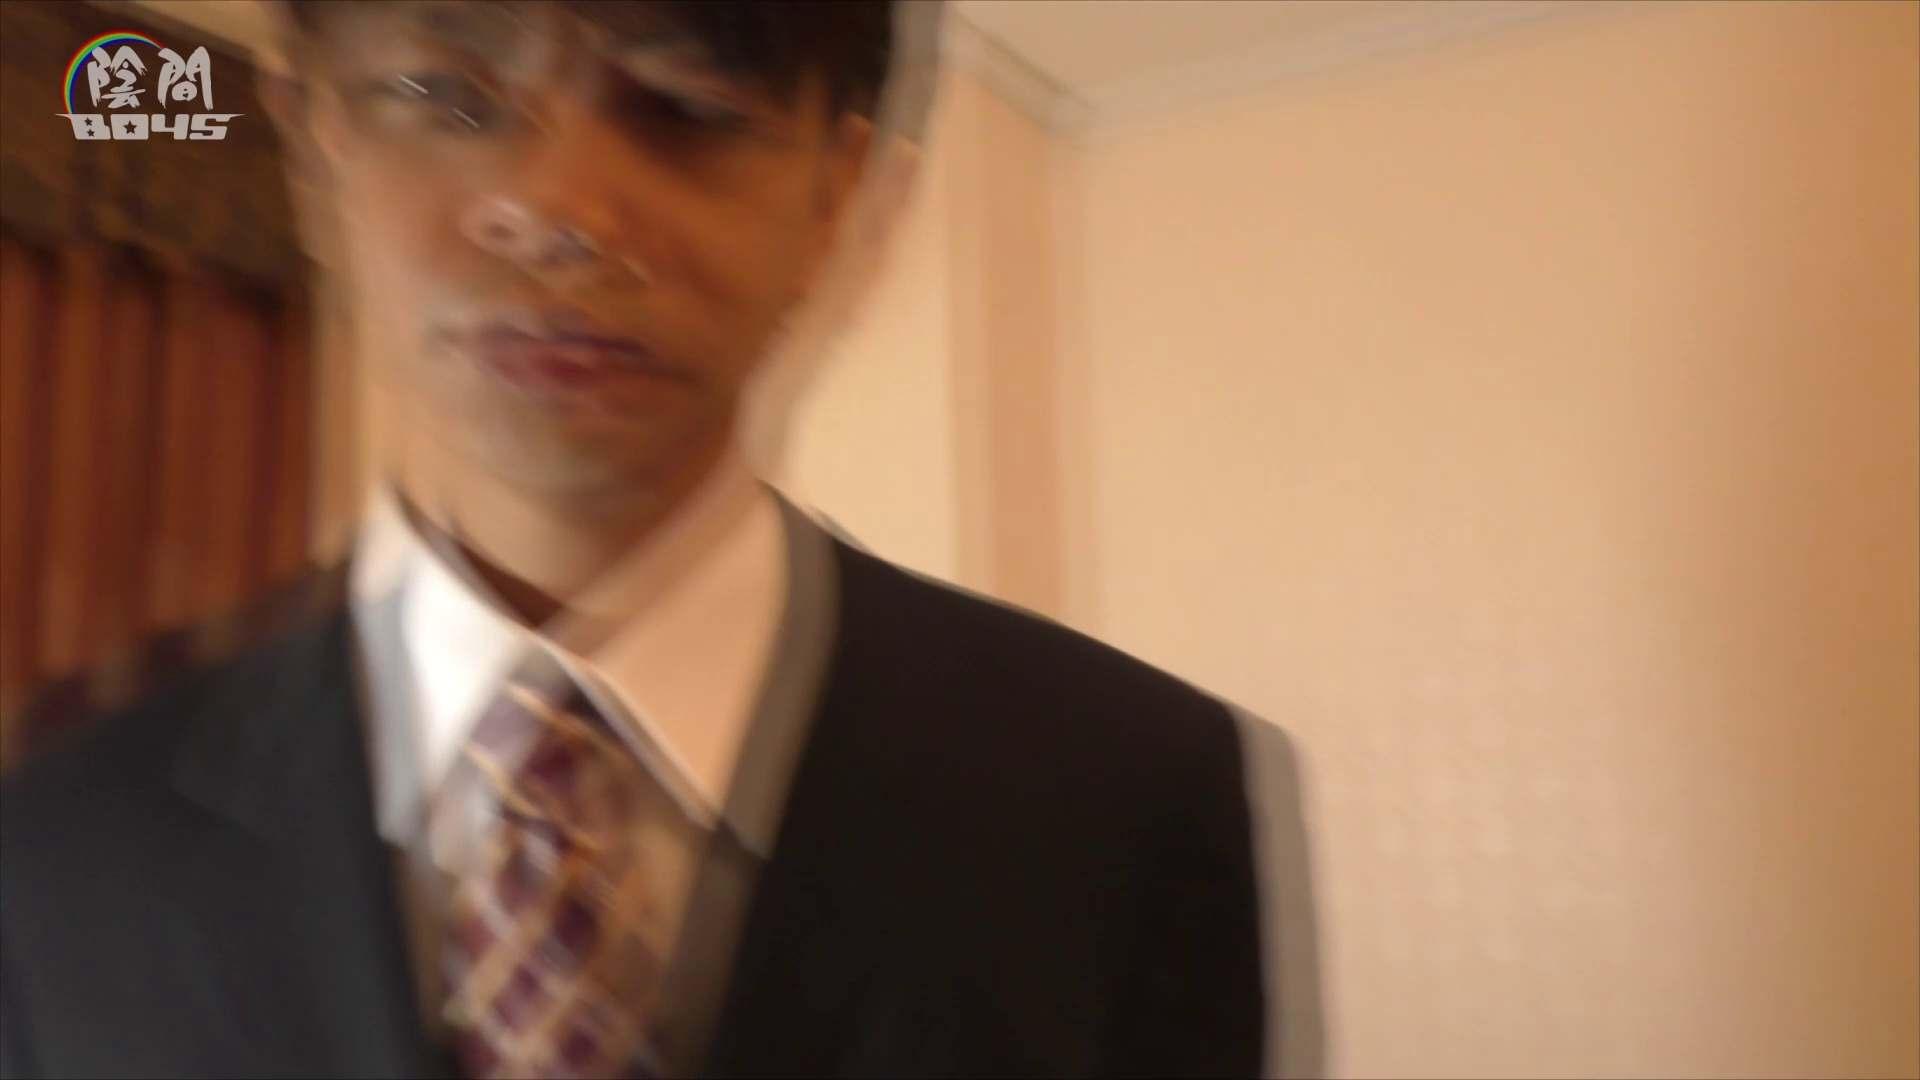 陰間BOYS~キャバクラの仕事はアナルから4 Vol.01 アナル ゲイザーメン画像 82枚 73